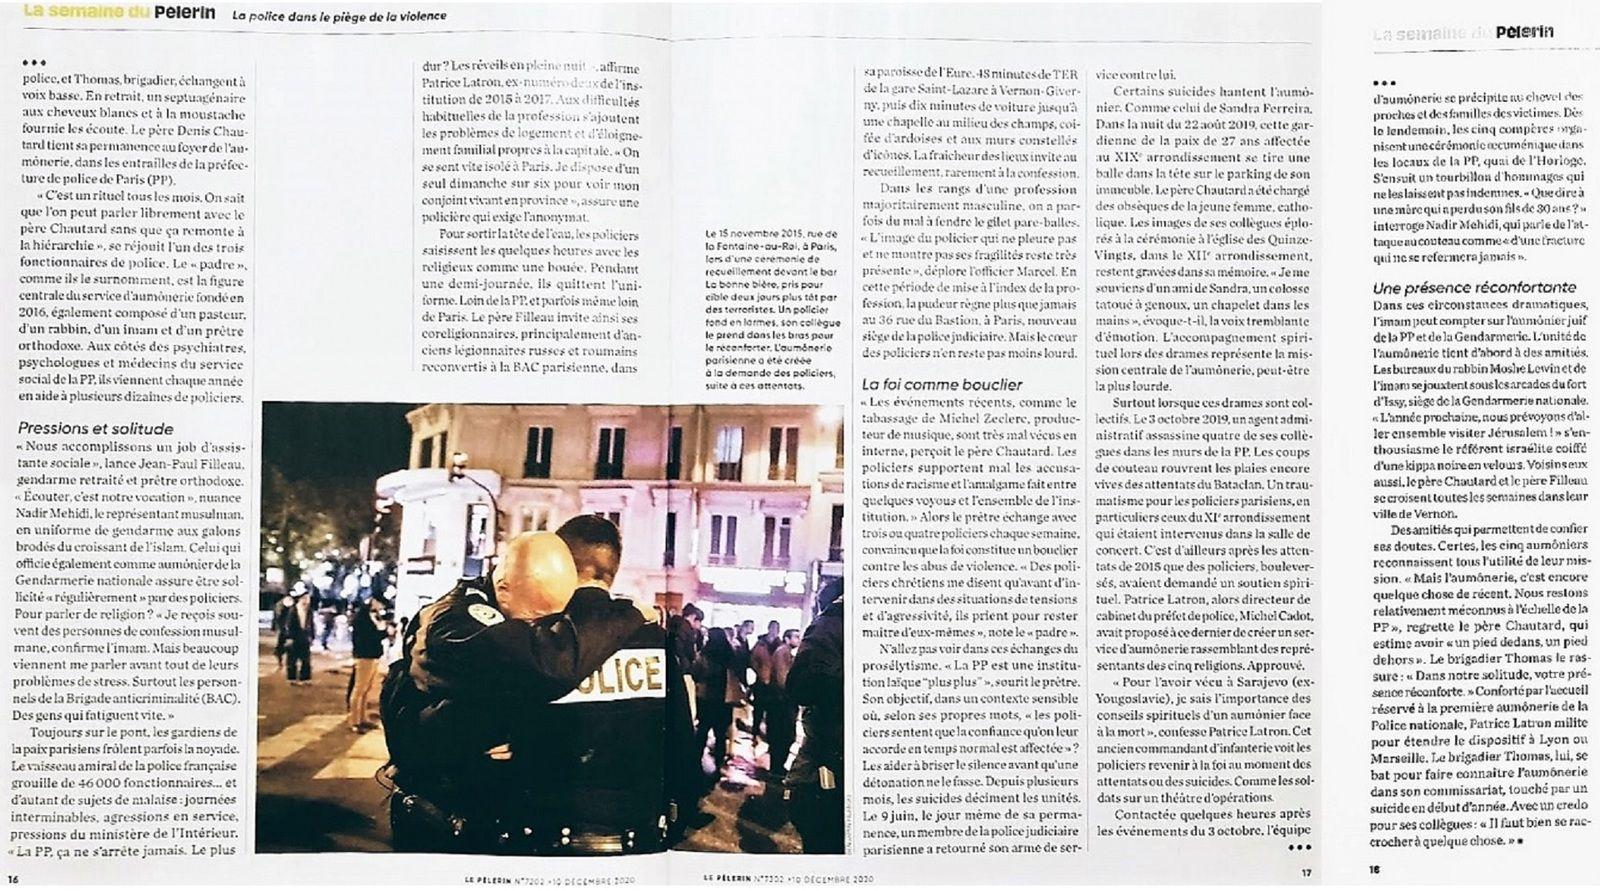 « La Police dans le piège de la violence » Le Pèlerin du 10 décembre 2020